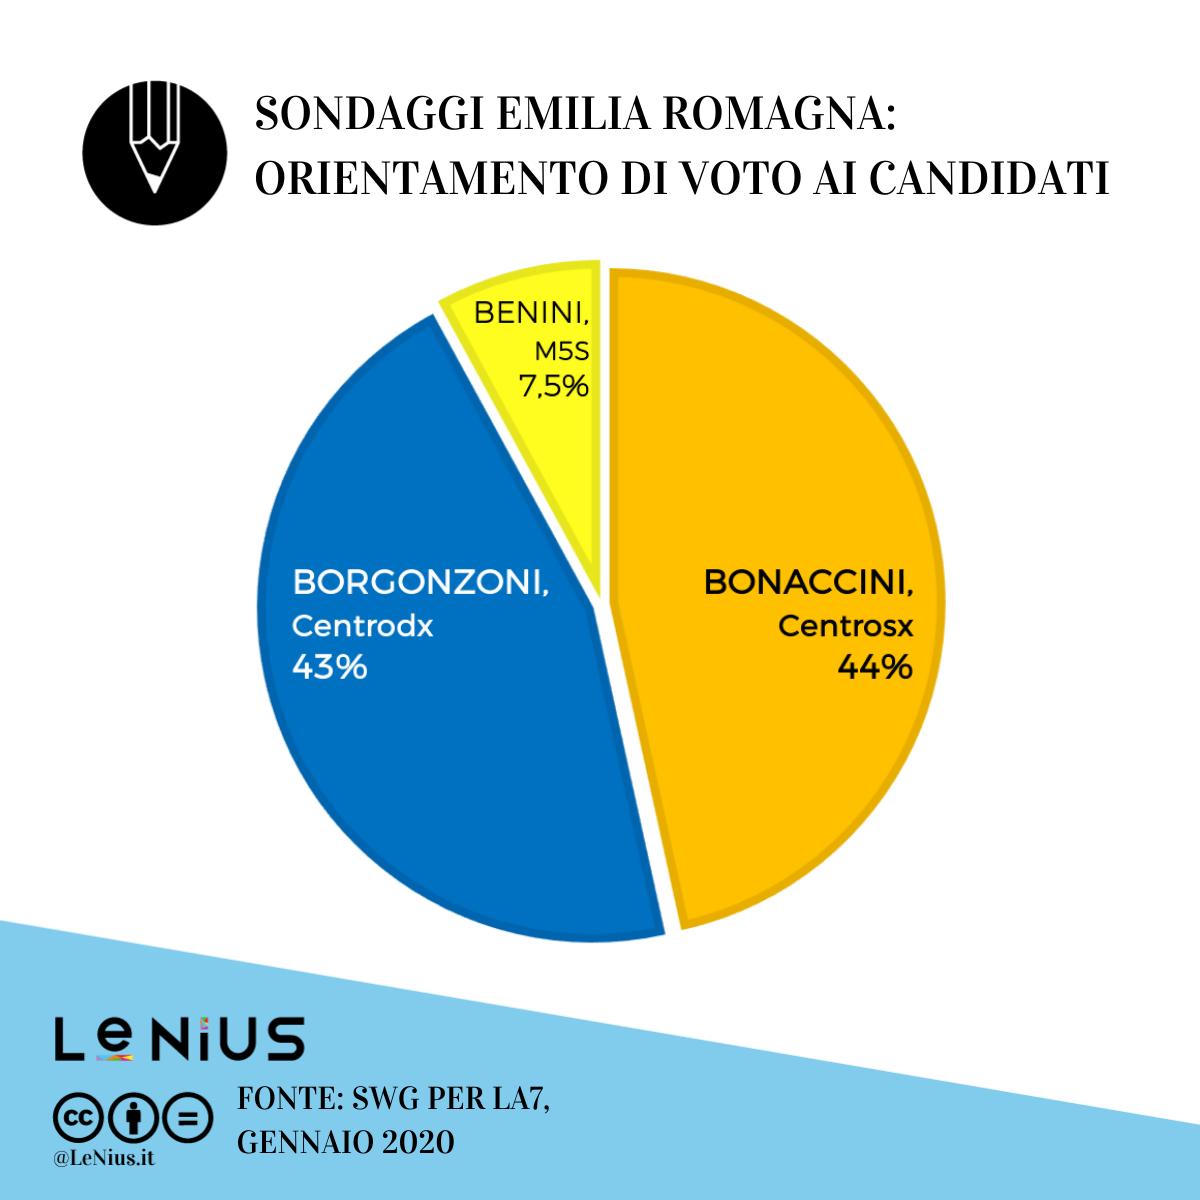 sondaggi emilia romagna